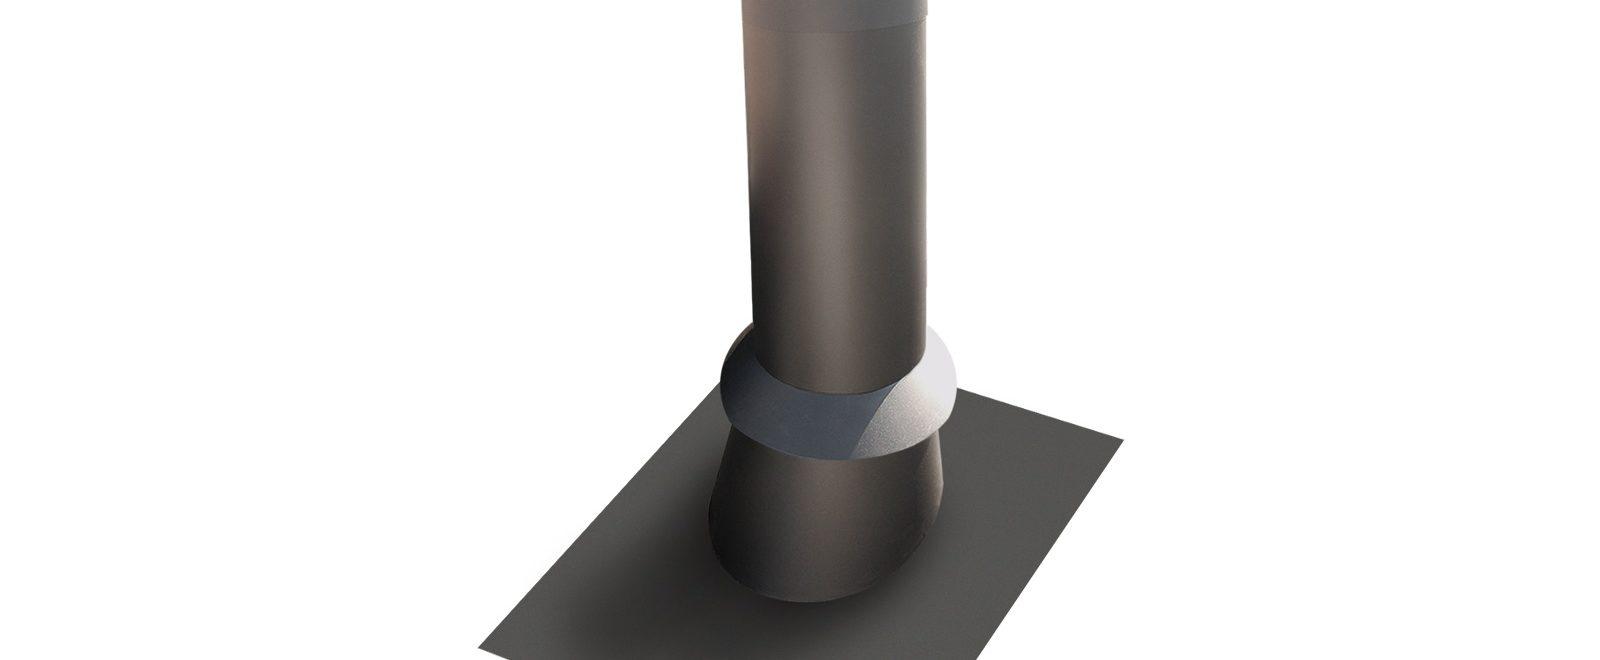 Jøtul stålpipe rund pipehatt